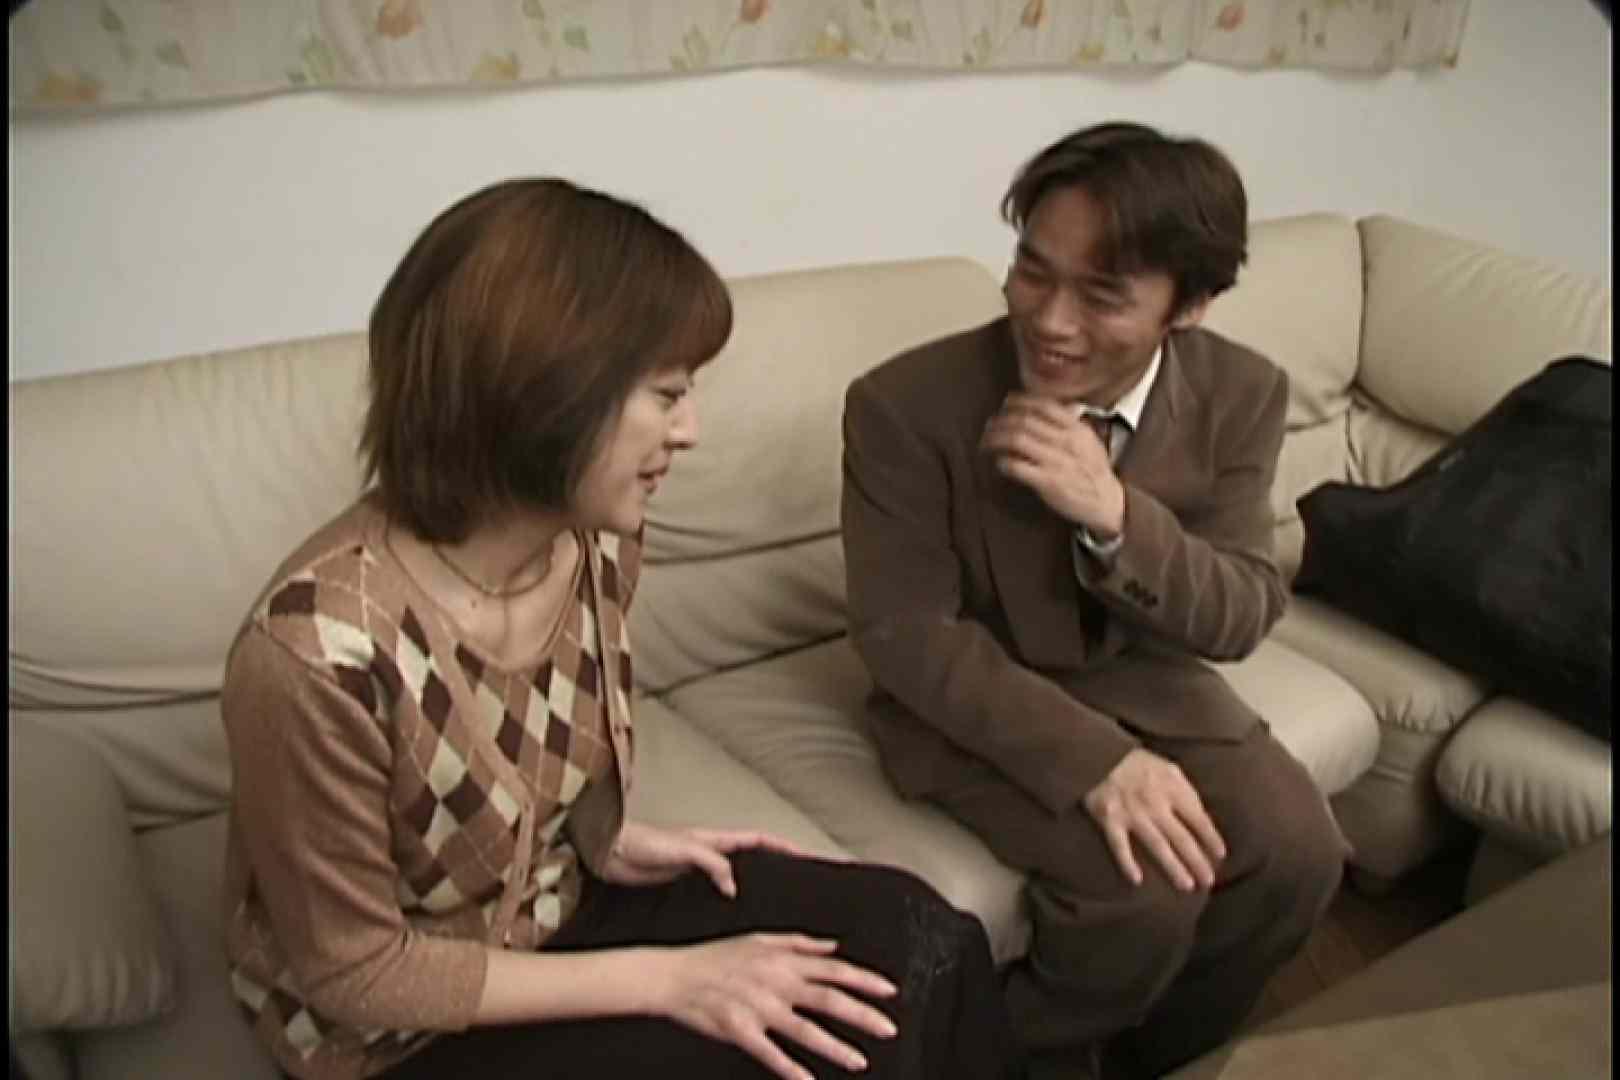 昼間の奥様は欲求不満 ~石川麻紀~ 熟女のエッチ  102pic 12